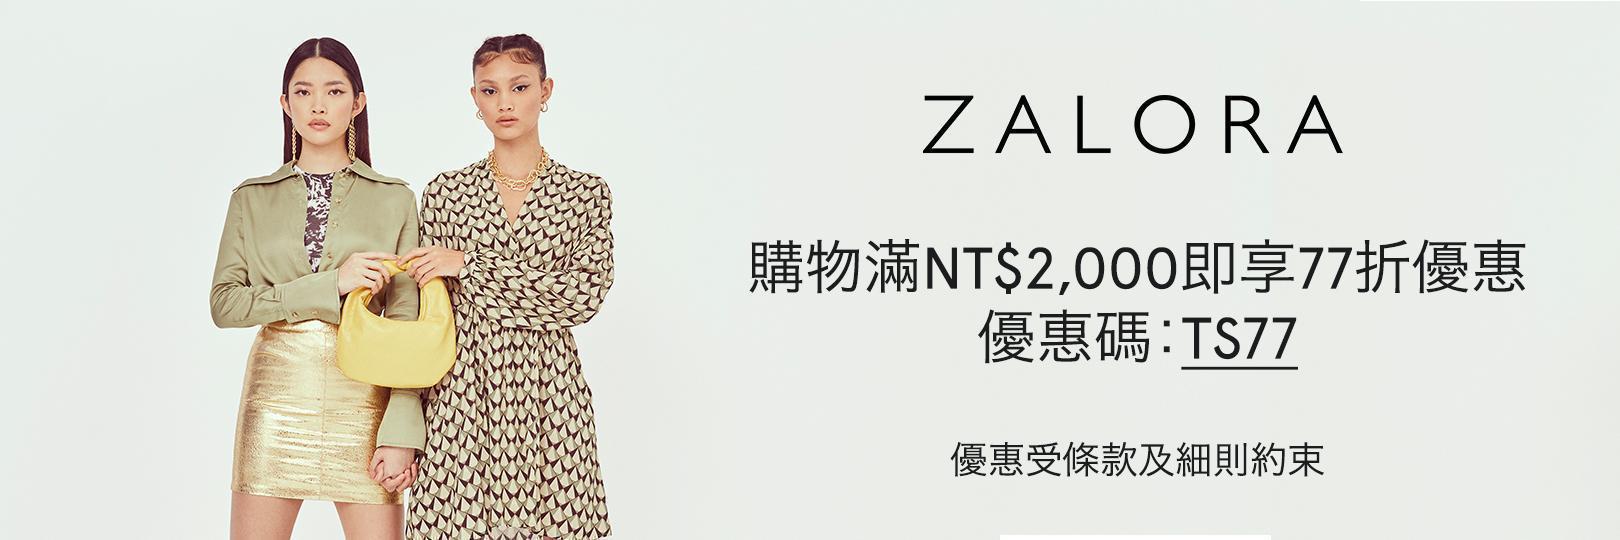 ZALORA時尚購物網刷台新信用卡,享最高77折!